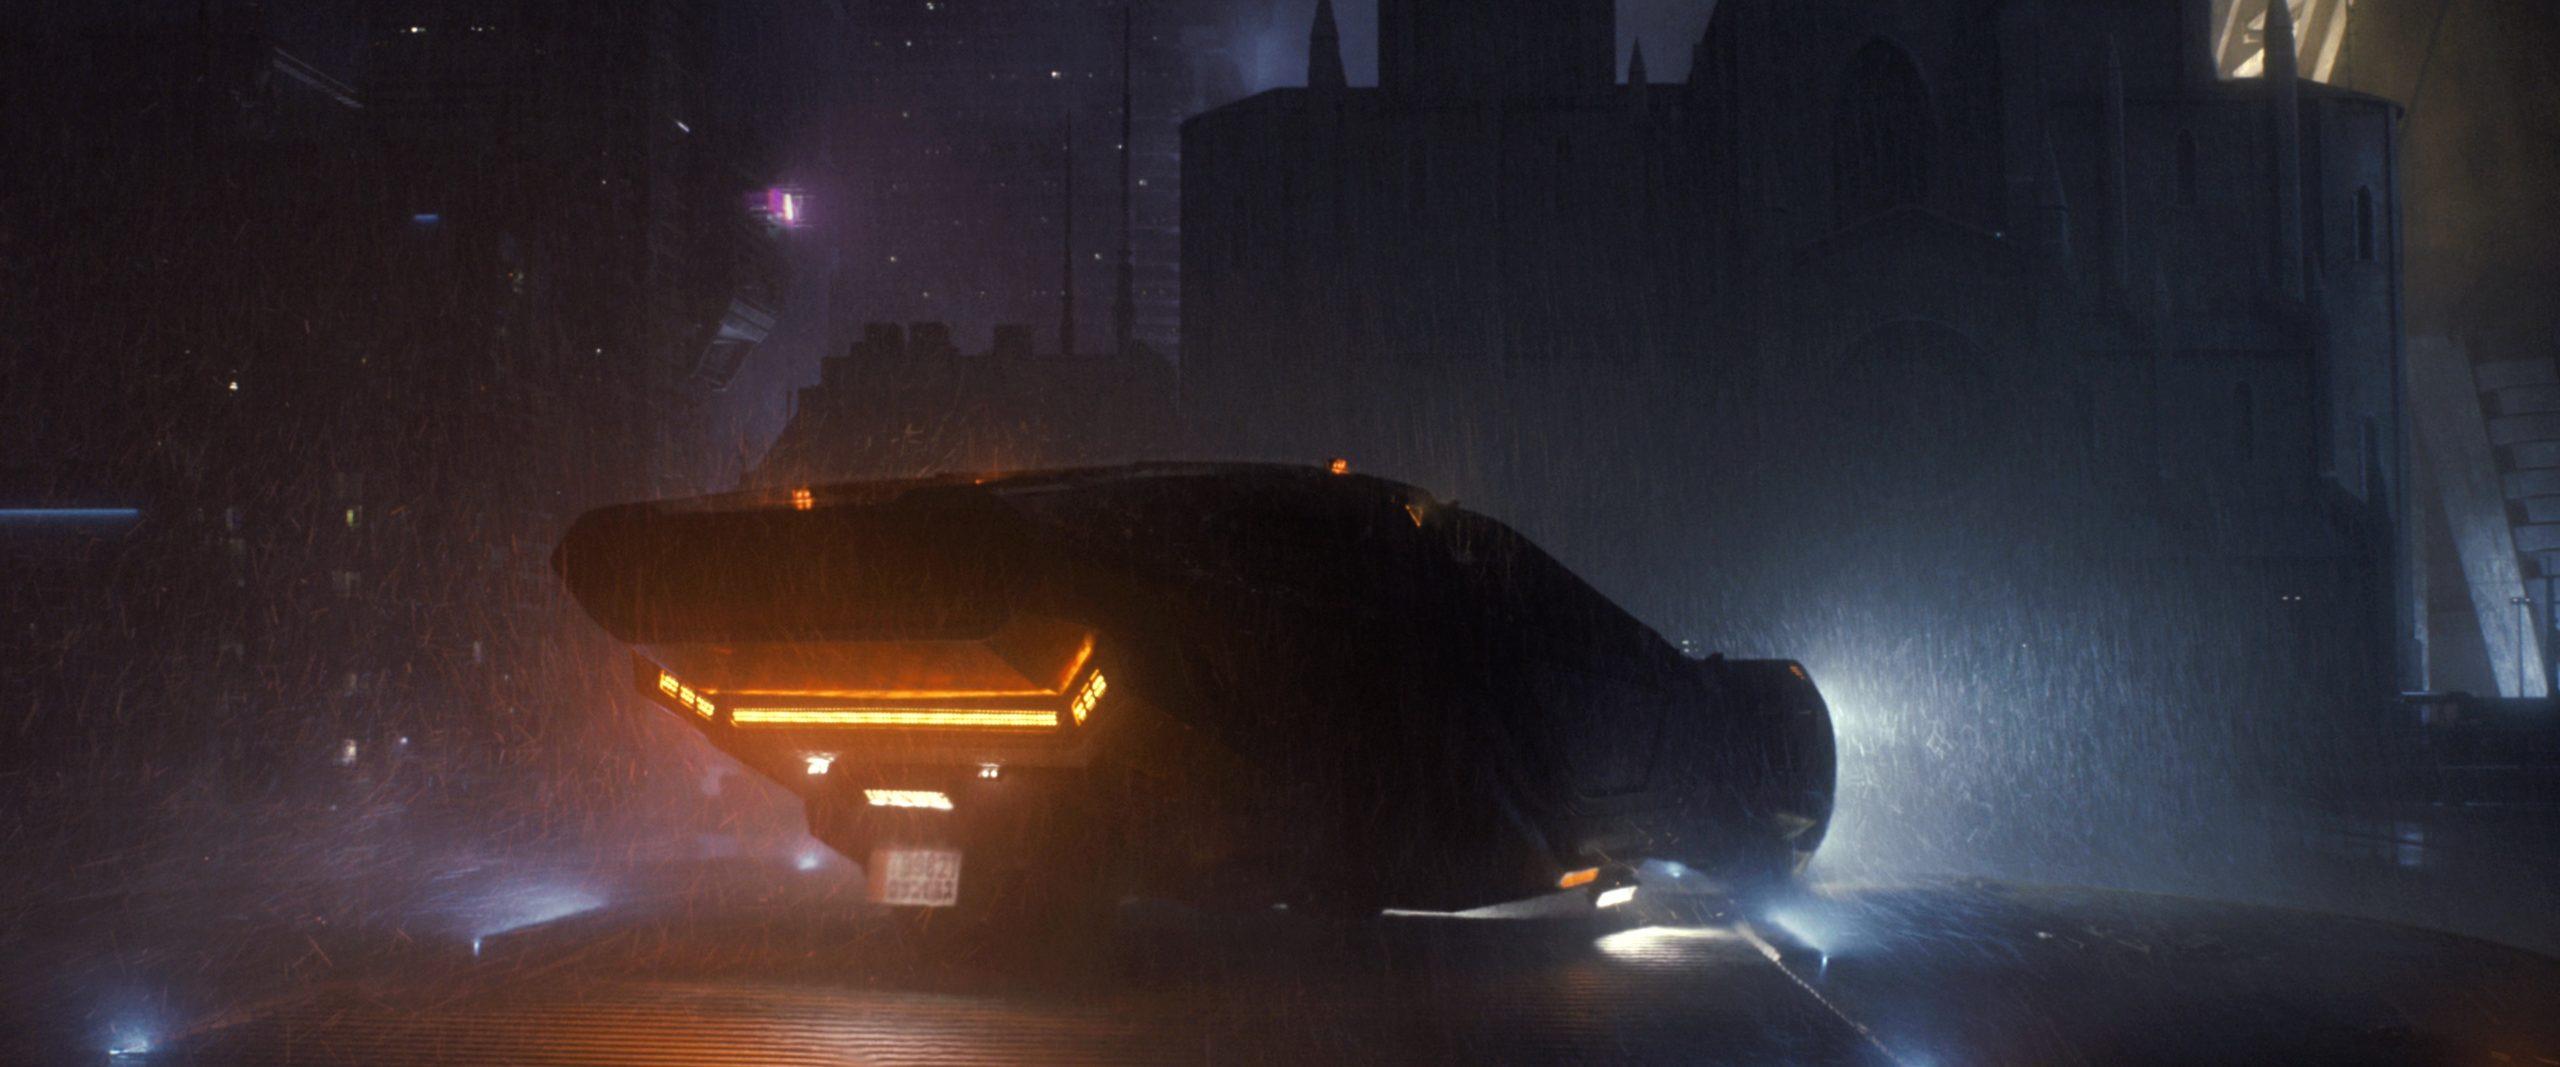 Бегущий по лезвию 2049 ночь киберпанк бегущий по лезвию автомобиль авто